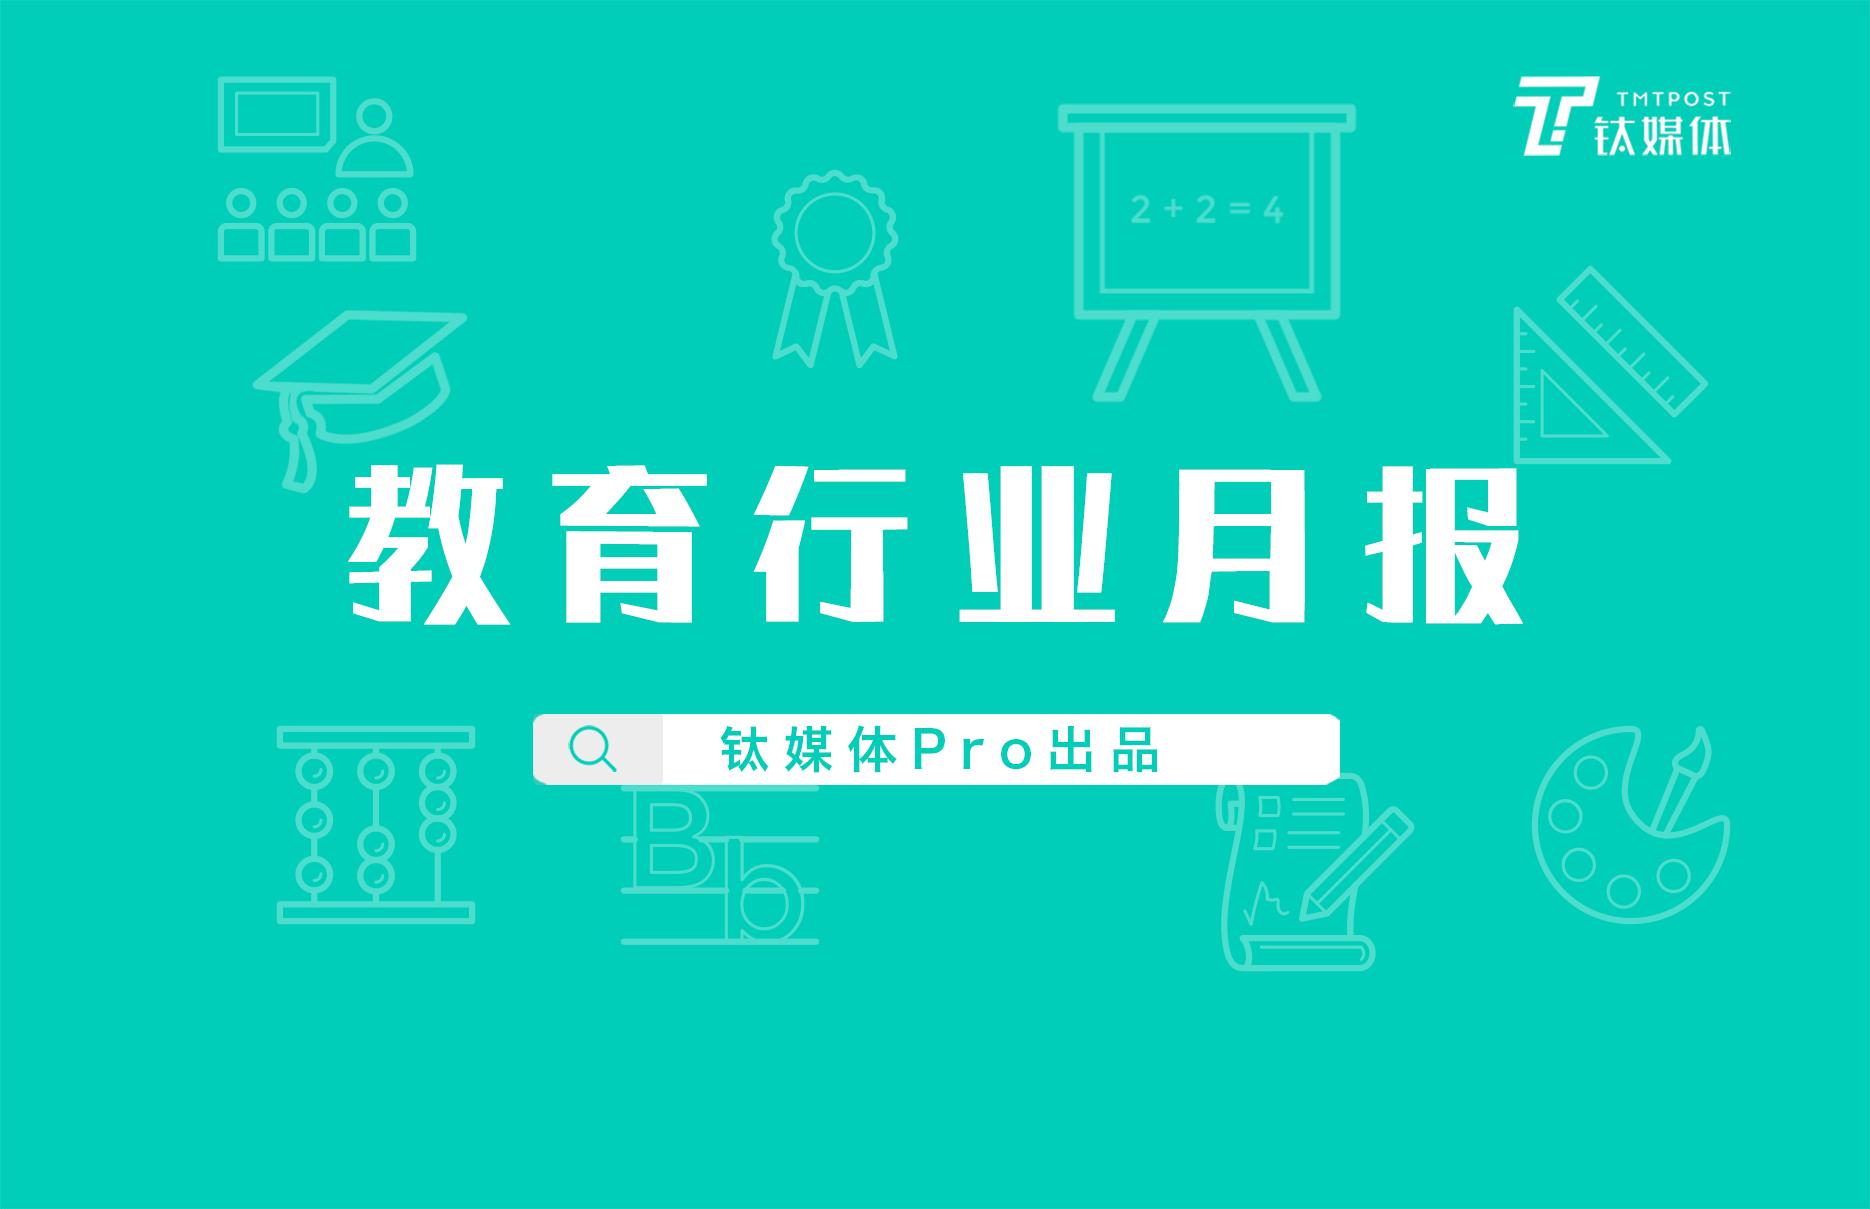 11月《教育产业》共收录39个融资项目 十亿级项目数量暴涨 资金密集涌向龙头玩家|钛媒Pro月报